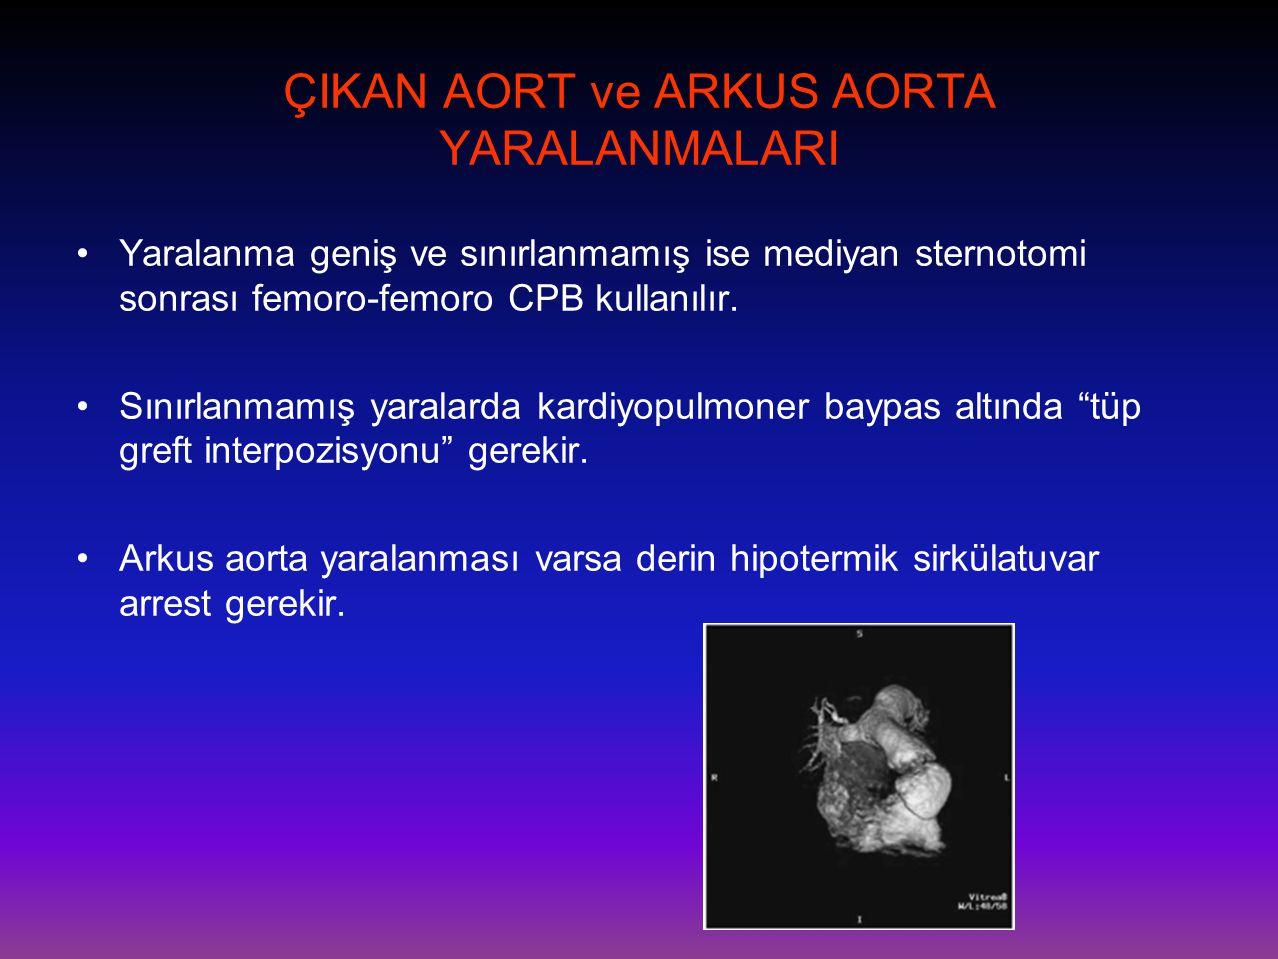 ÇIKAN AORT ve ARKUS AORTA YARALANMALARI •Yaralanma geniş ve sınırlanmamış ise mediyan sternotomi sonrası femoro-femoro CPB kullanılır. •Sınırlanmamış